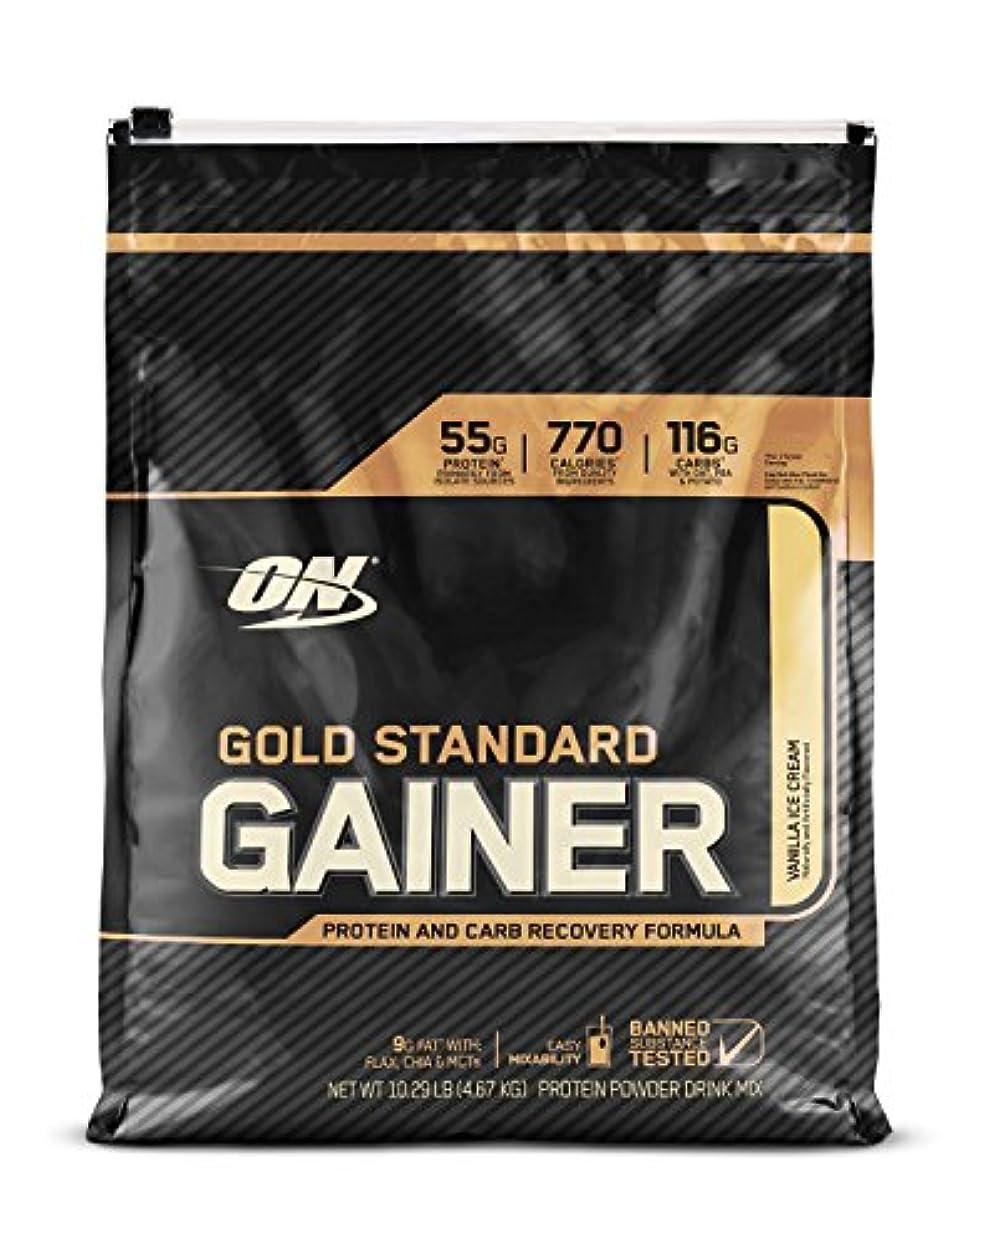 八百屋トン郊外ゴールドスタンダード ゲイナー 10LB バニラアイスクリーム (Gold Standard Gainer 10LB Vanilla Ice Cream) [海外直送品]